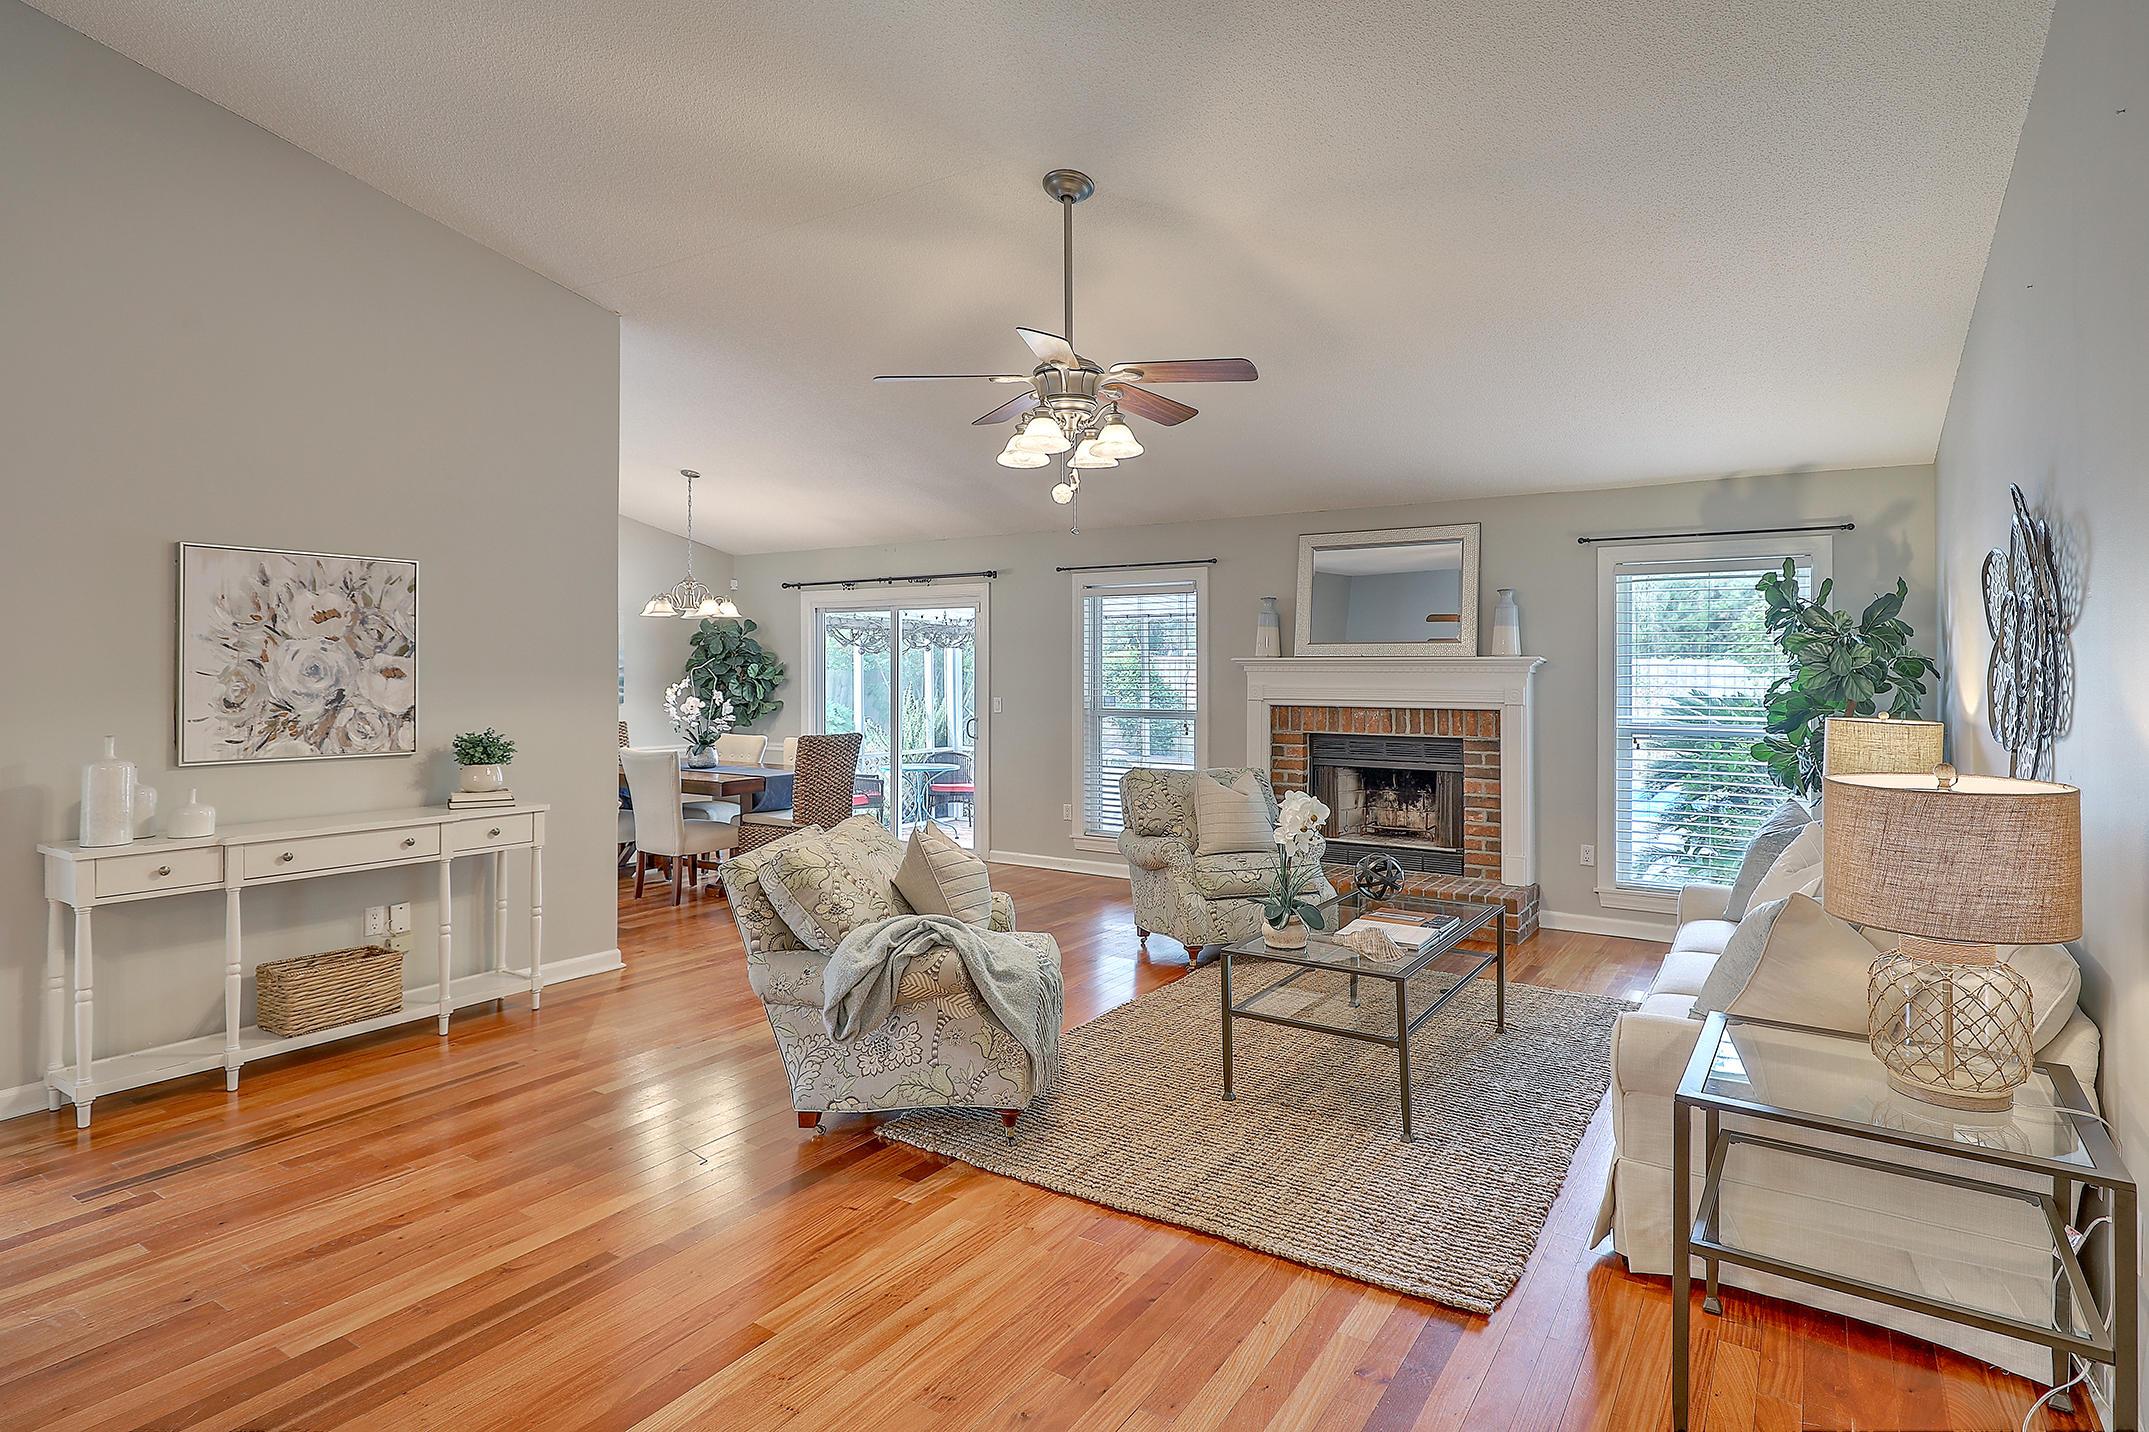 Coopers Landing Homes For Sale - 1474 Hidden Bridge, Mount Pleasant, SC - 35